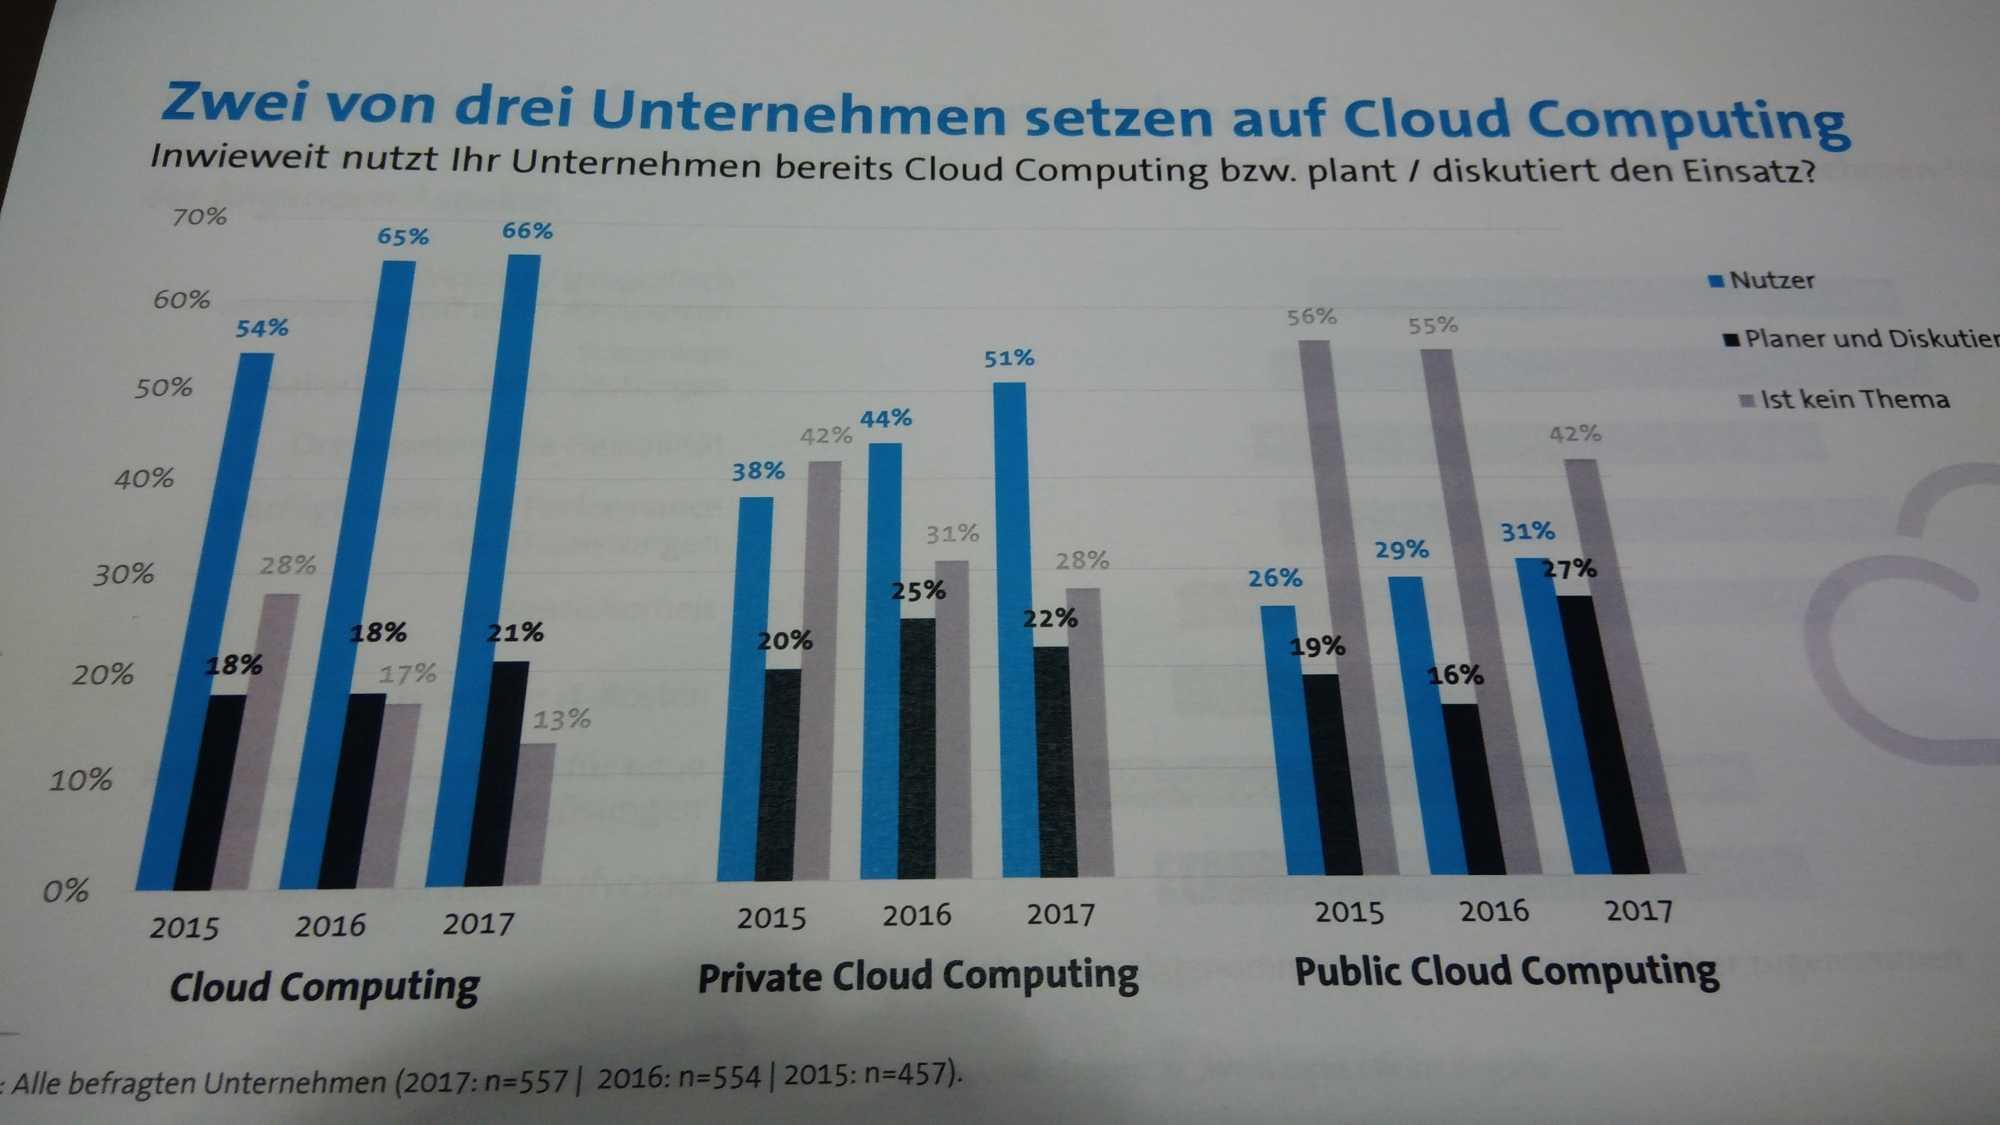 """Die """"Cloudisierung"""" geht weiter, in wenigen Jharen werden so gut wie alle Unternehmen Cloud Computing nutzen."""